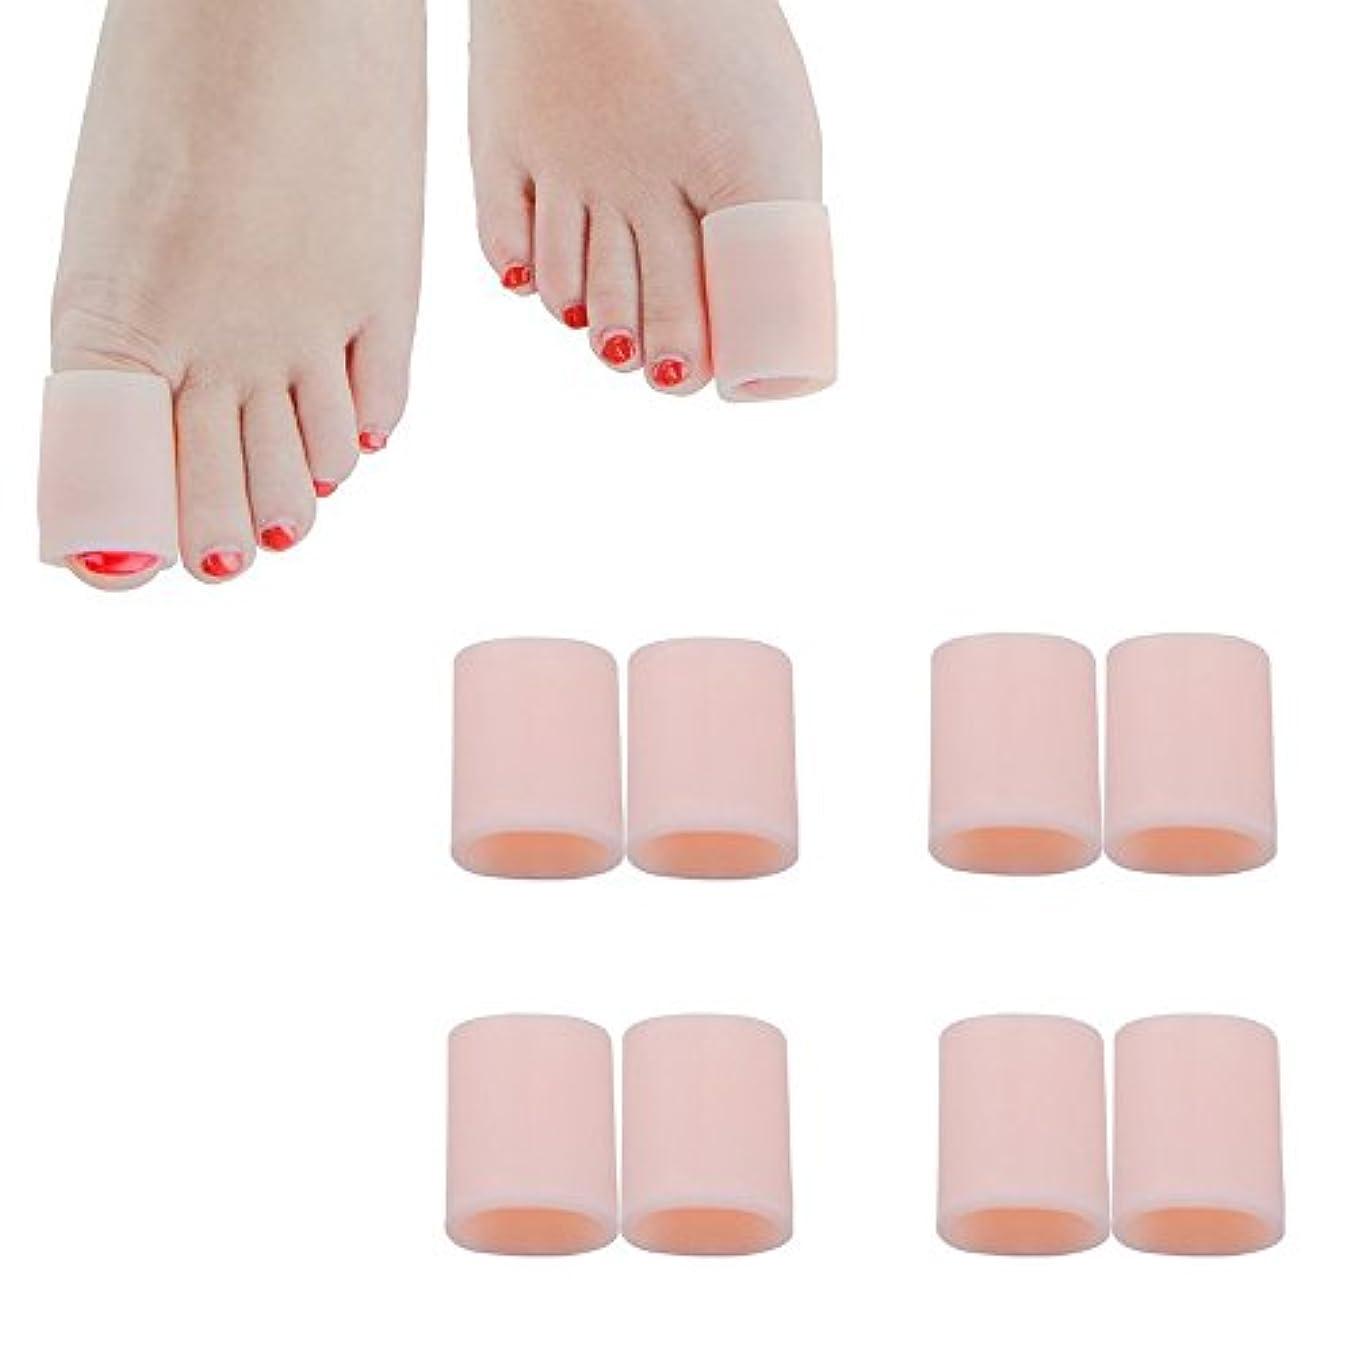 サーバント健康的不快足指保護キャップ つま先プロテクター 足先のつめ保護キャップ シリコン (肌の色, 4組の大きなゲル)